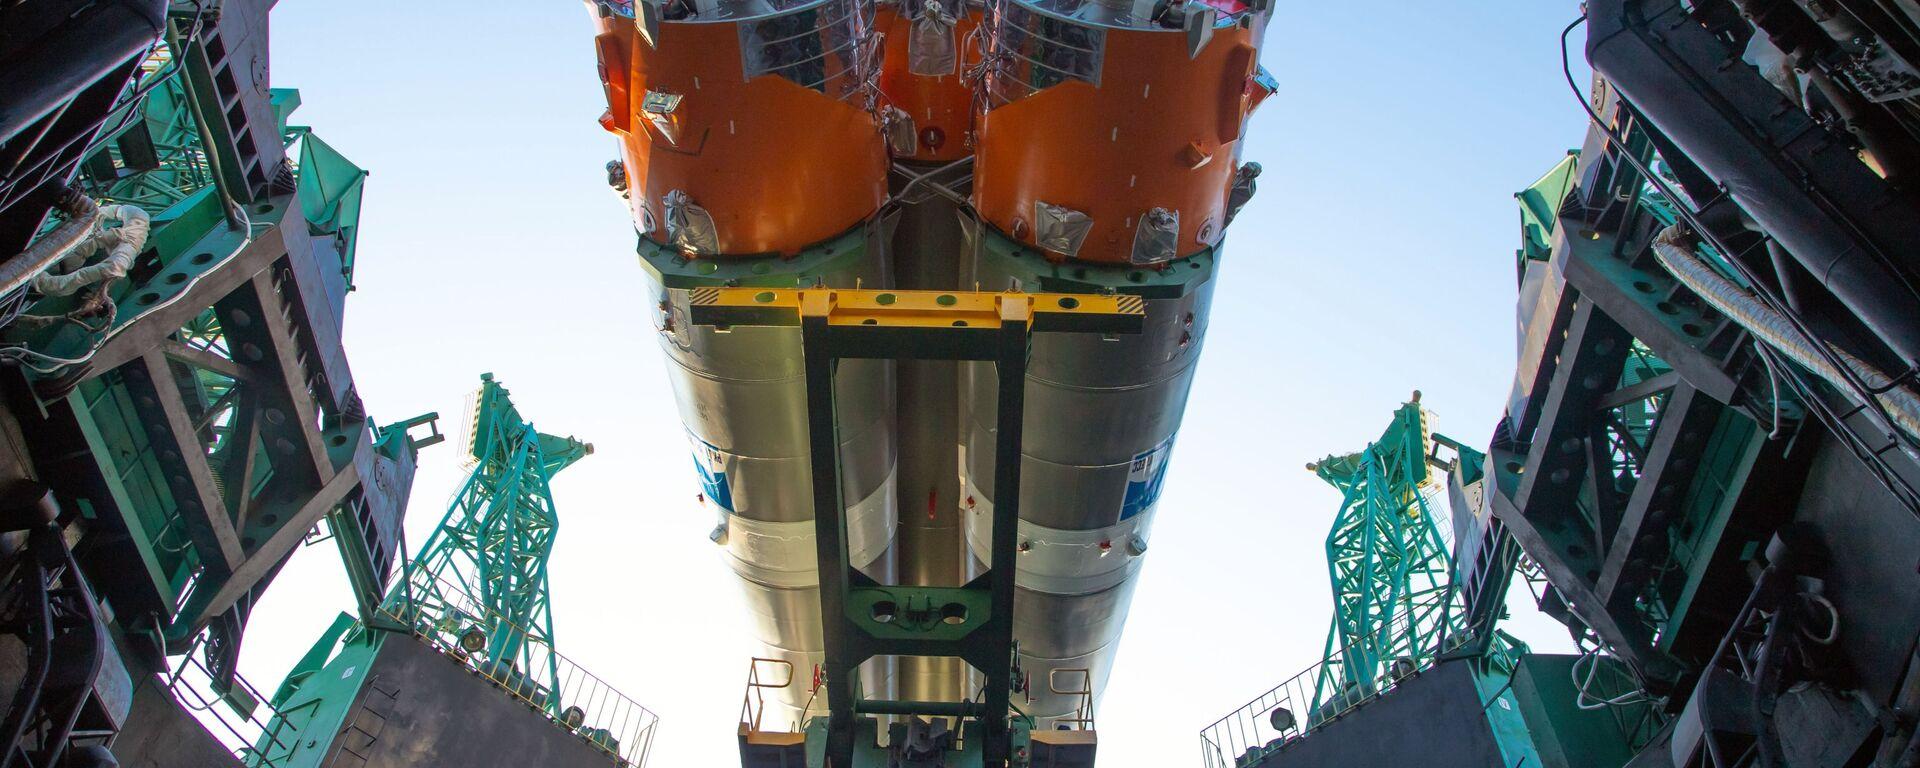 """Postavljanje lansirnog kompleksa i priprema za lansiranje nosača rakete """"Sojuz-2.1b"""" sa raketom """"Fregata"""" i """"Arktikom M"""" - Sputnik Srbija, 1920, 21.07.2021"""